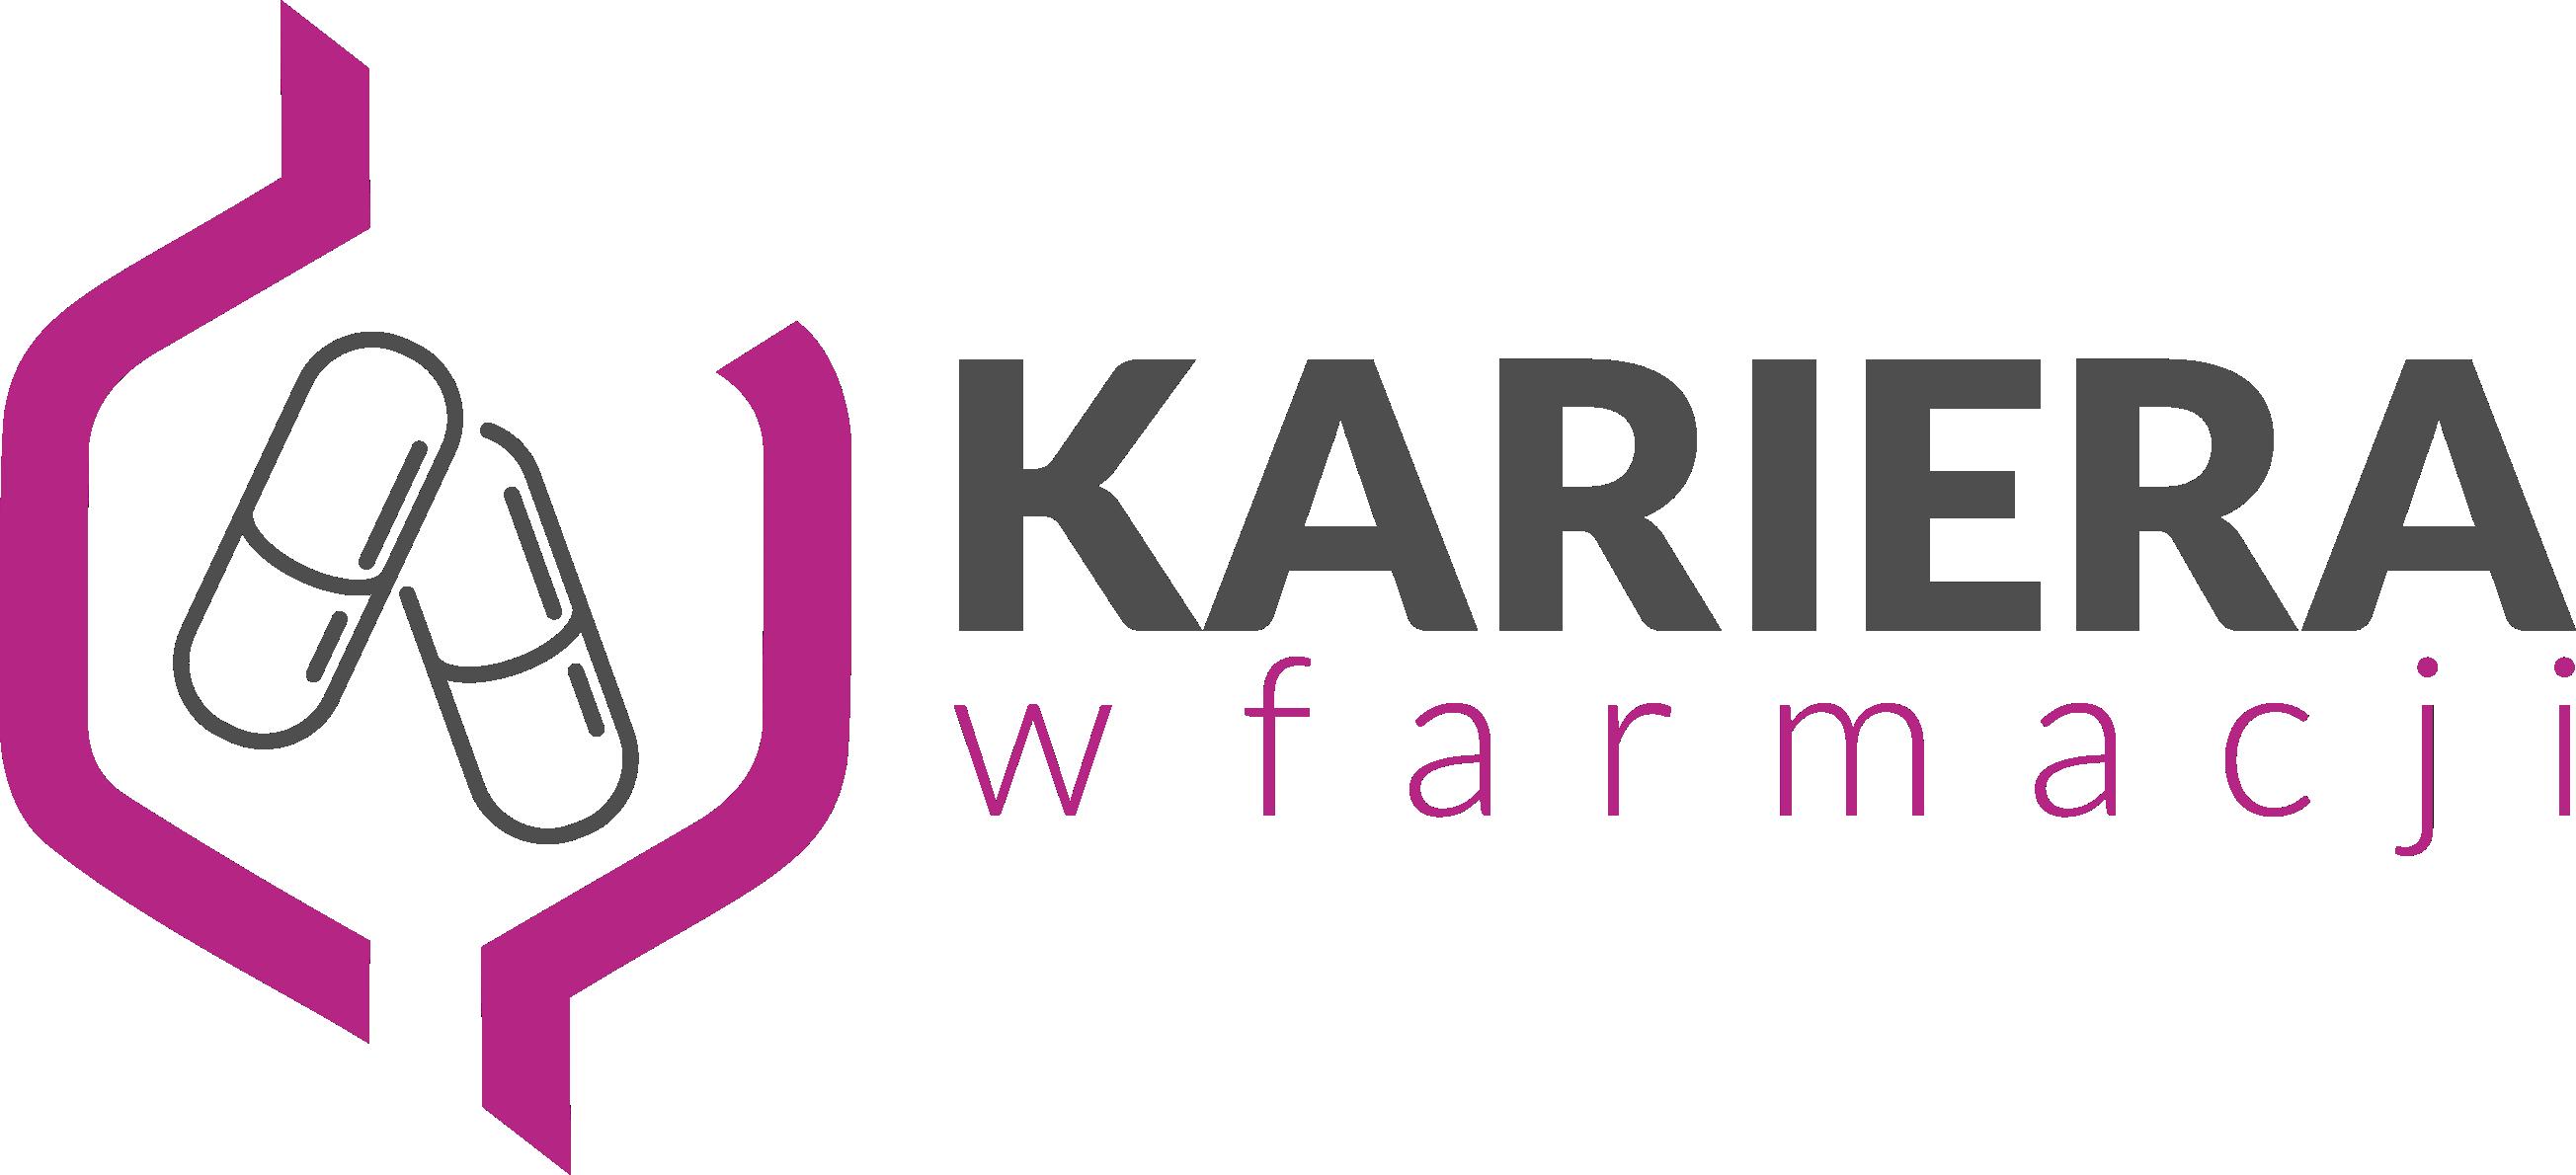 KARIERA W FARMACJI LOGO png